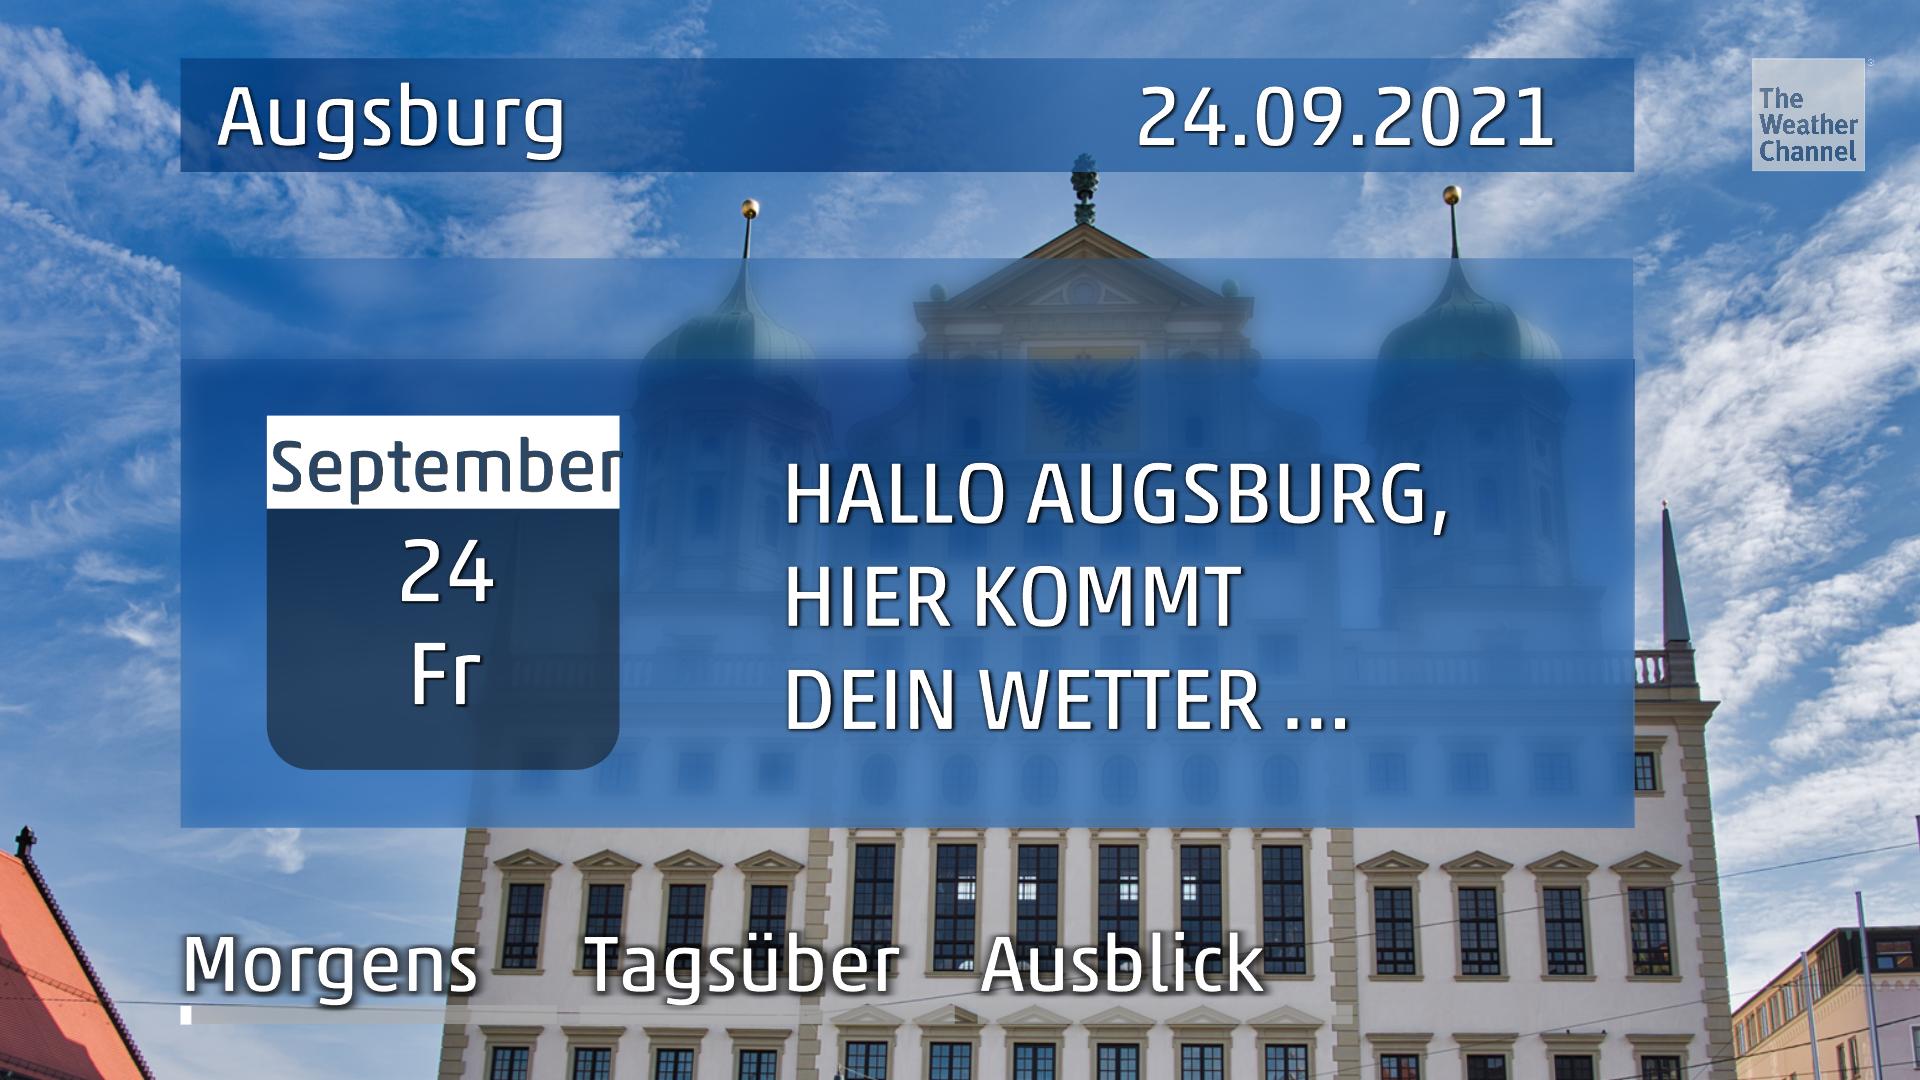 Das Wetter für Augsburg am Freitag, den 24.09.2021